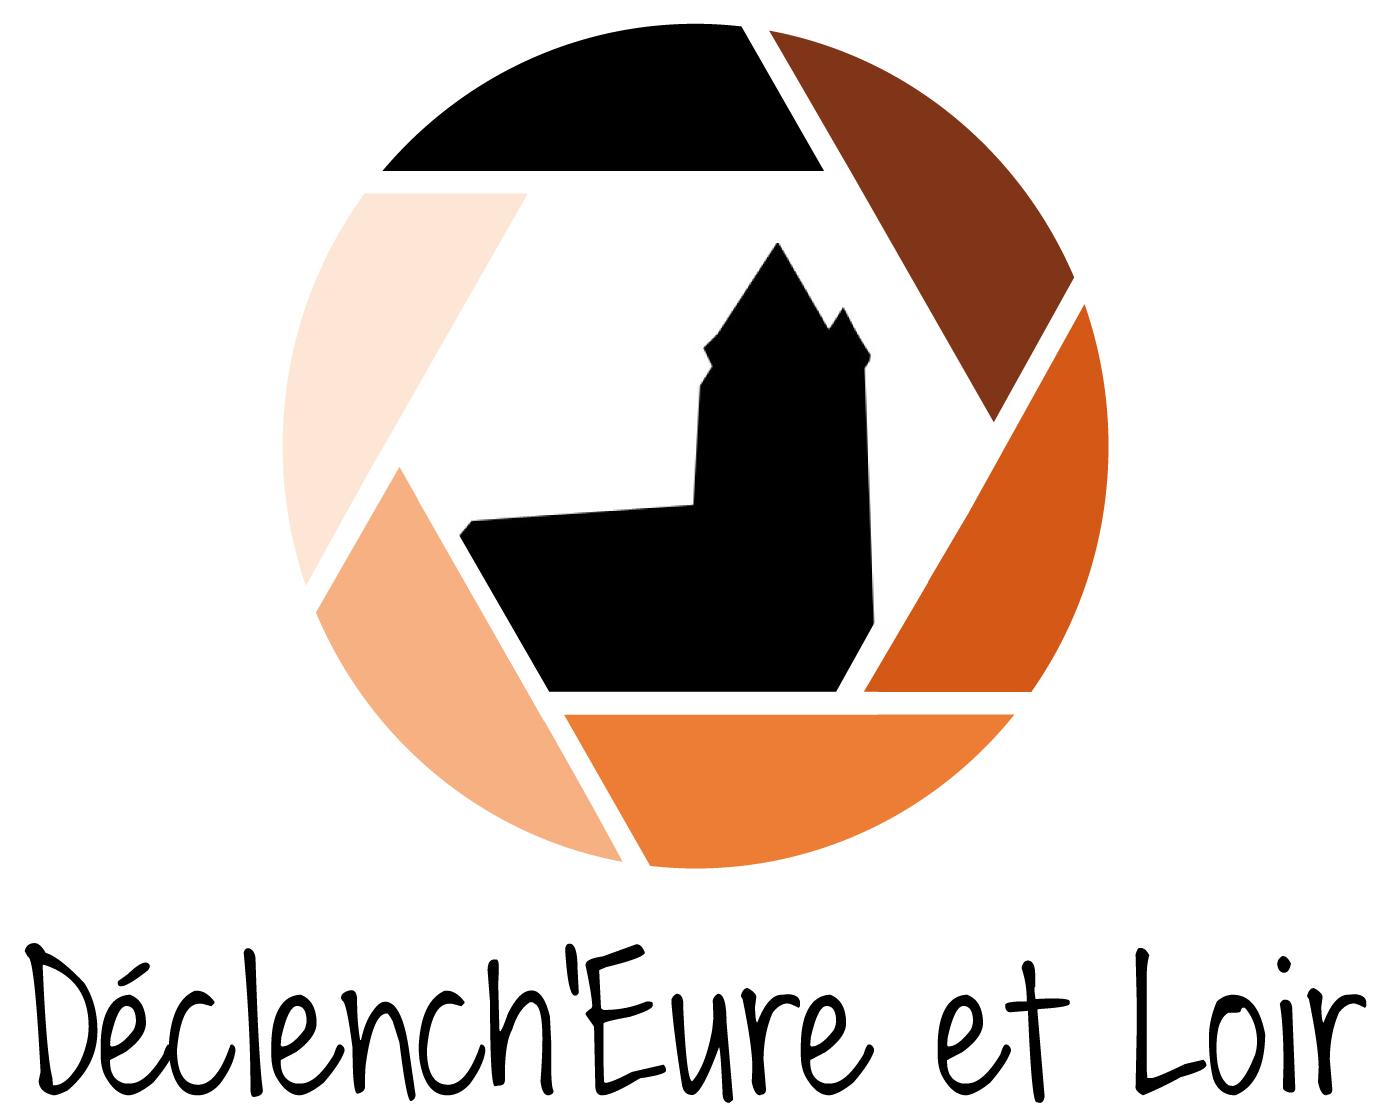 Declencheur_et_loir_logo transparent